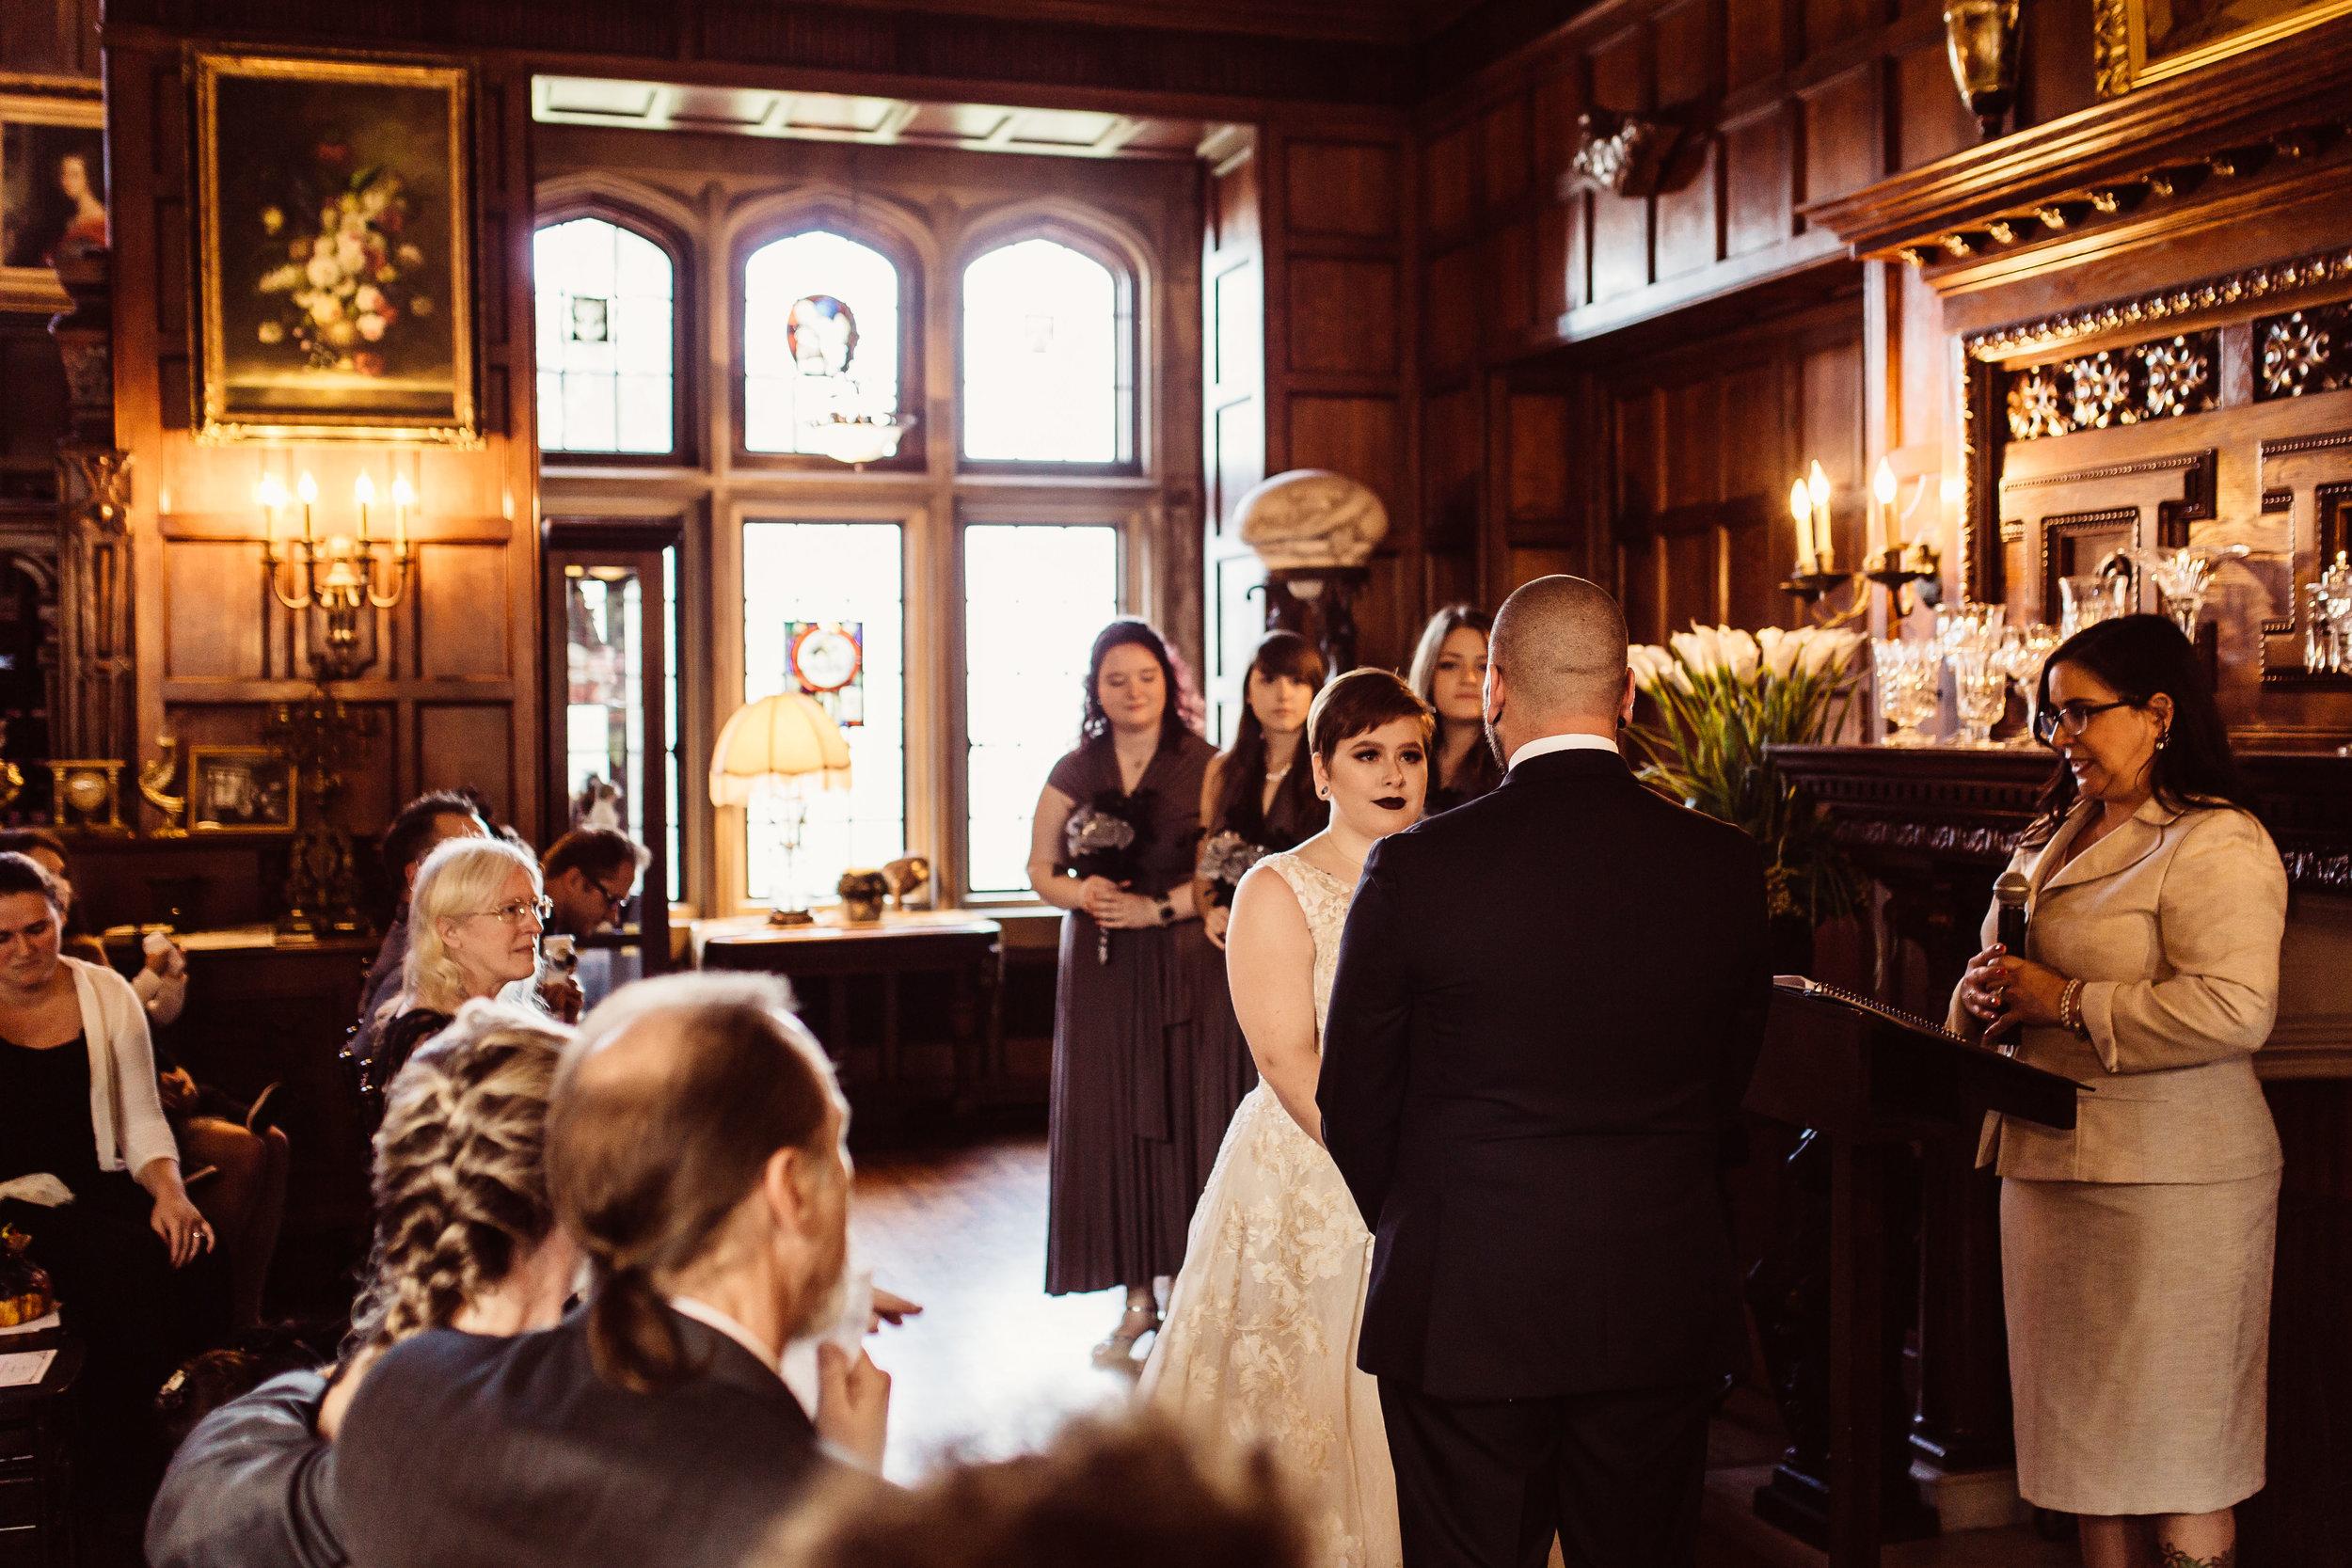 washington_wedding_Thornewood_Castle_photography-9507.jpg